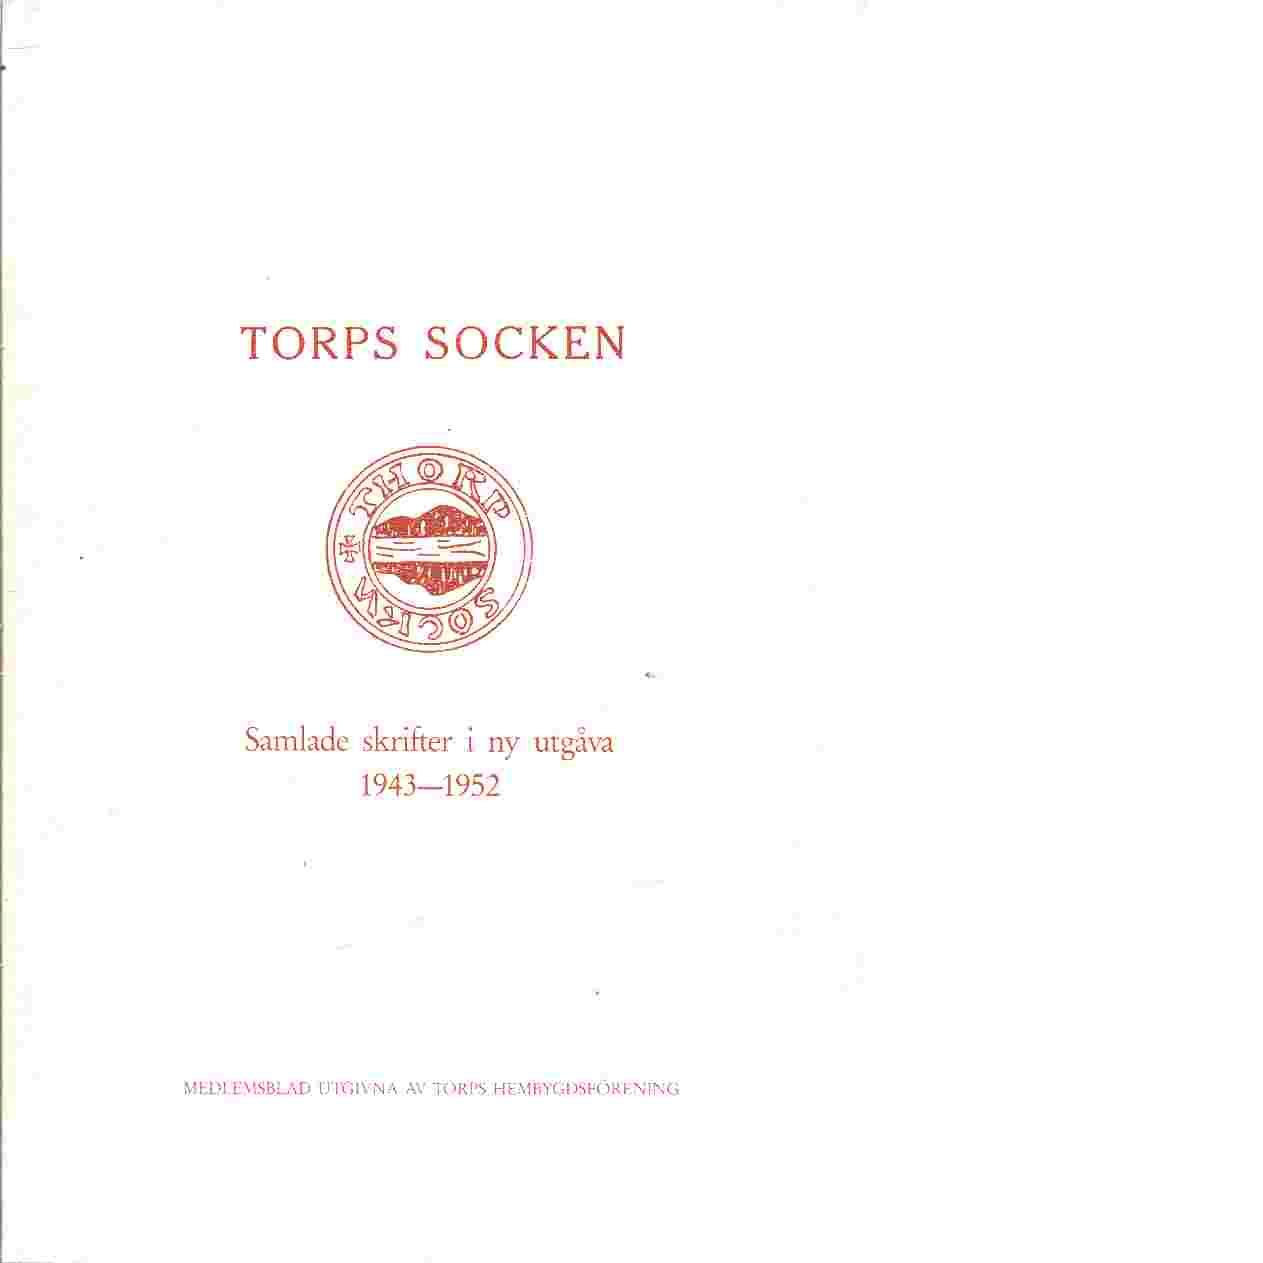 Torps socken årsbok nr 6 1951 - Medlemsblad utgivna av Torps hembygdsförening